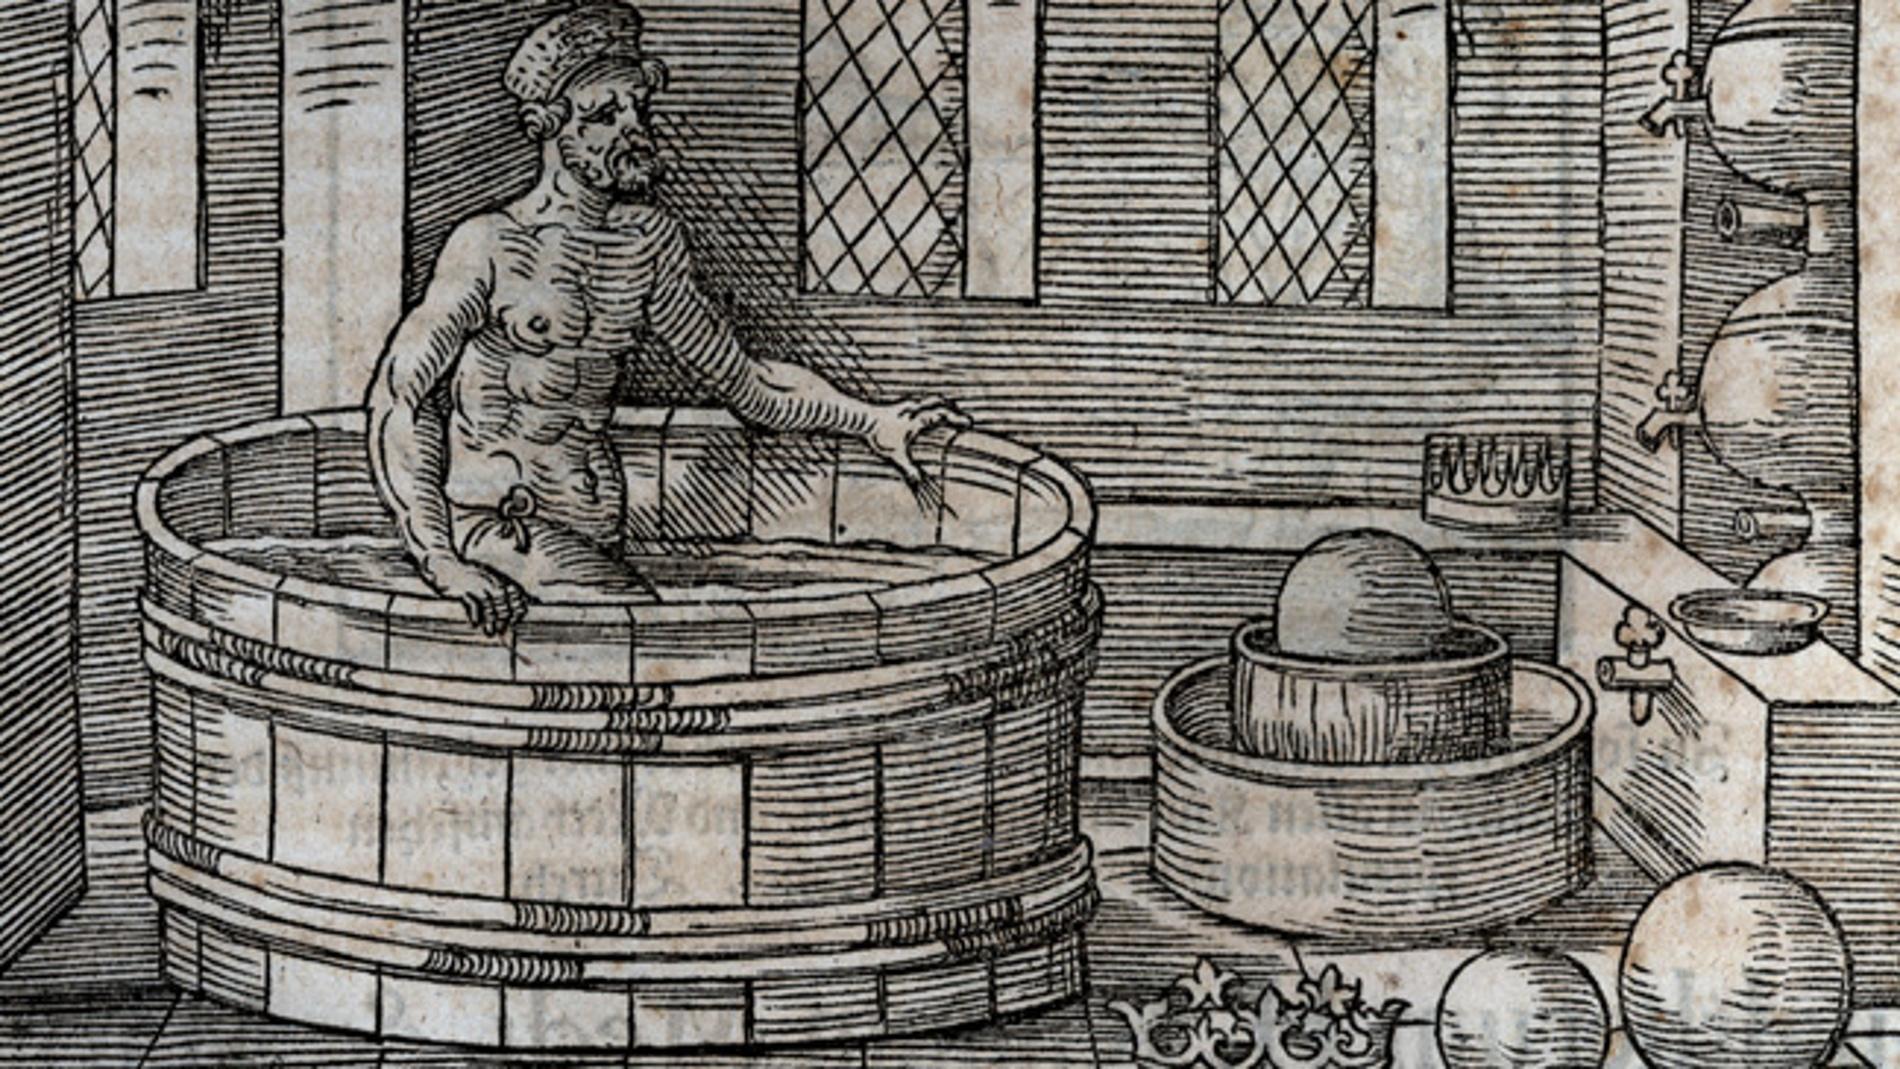 Arquímedes sufriendo el primer ataque de serendipia de la historia